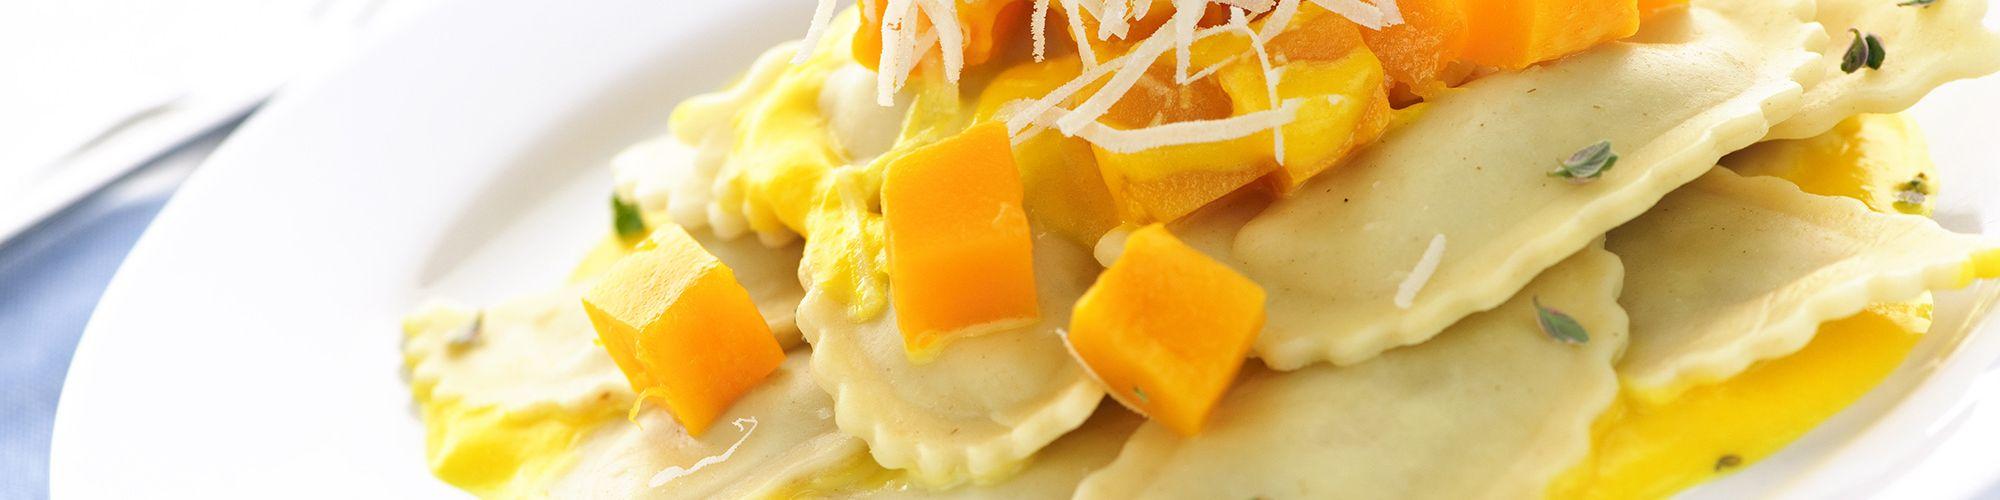 ricetta Tortelli di zucca con crema allo zafferano e arancia con pasta fresca